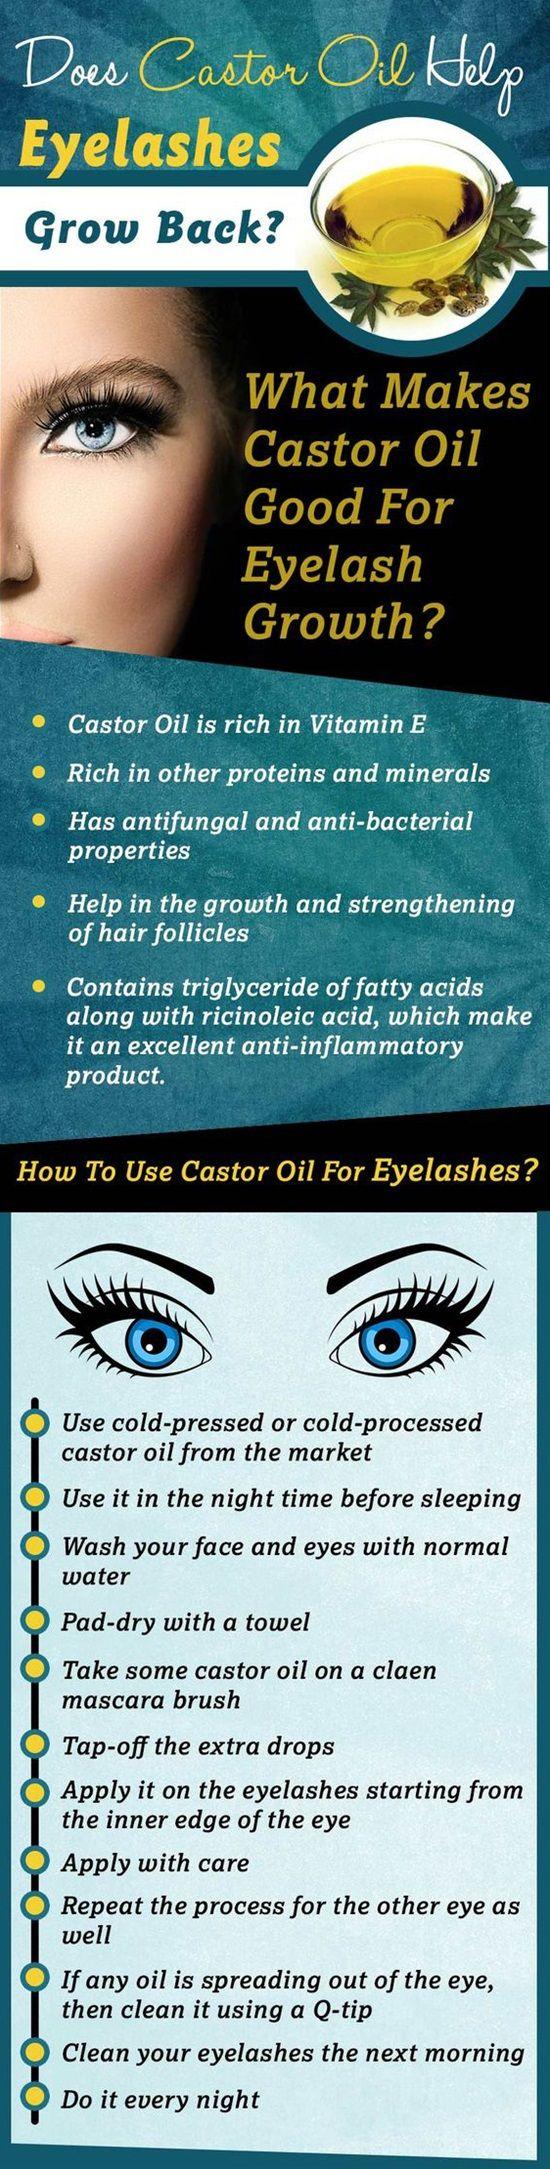 12 Useful Eyelashes Mascara Tips You Should Know Grow Eyelashes